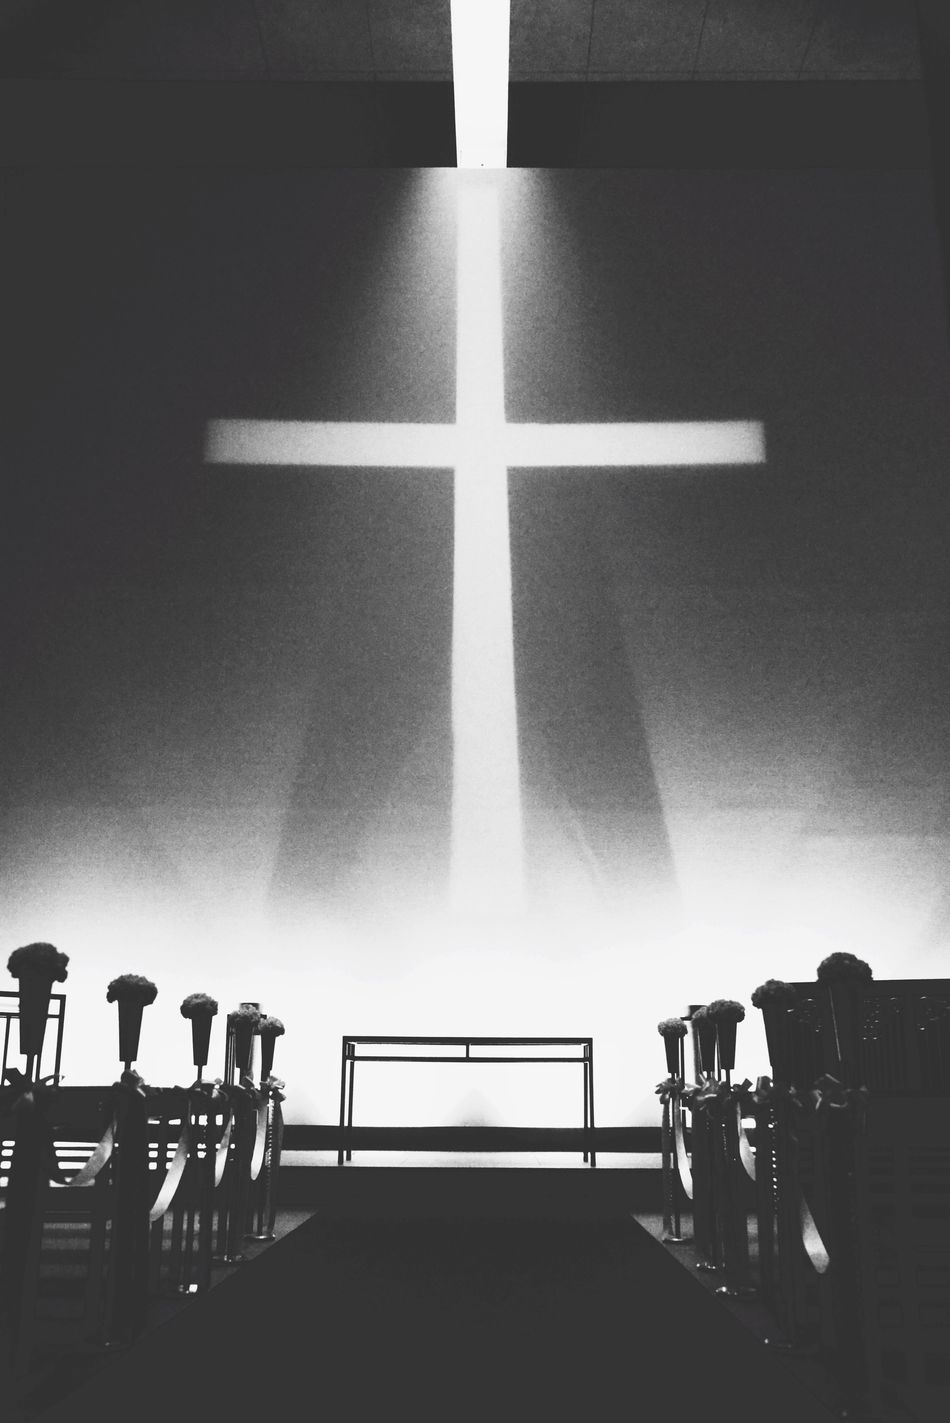 海之教堂 Sea Church Blackandwhite Black & White Architecture Japan Japan Photography Tadao Ando Awaji Awaji Island Church Light And Shadow Light Cross Monochrome Ultimate Japan